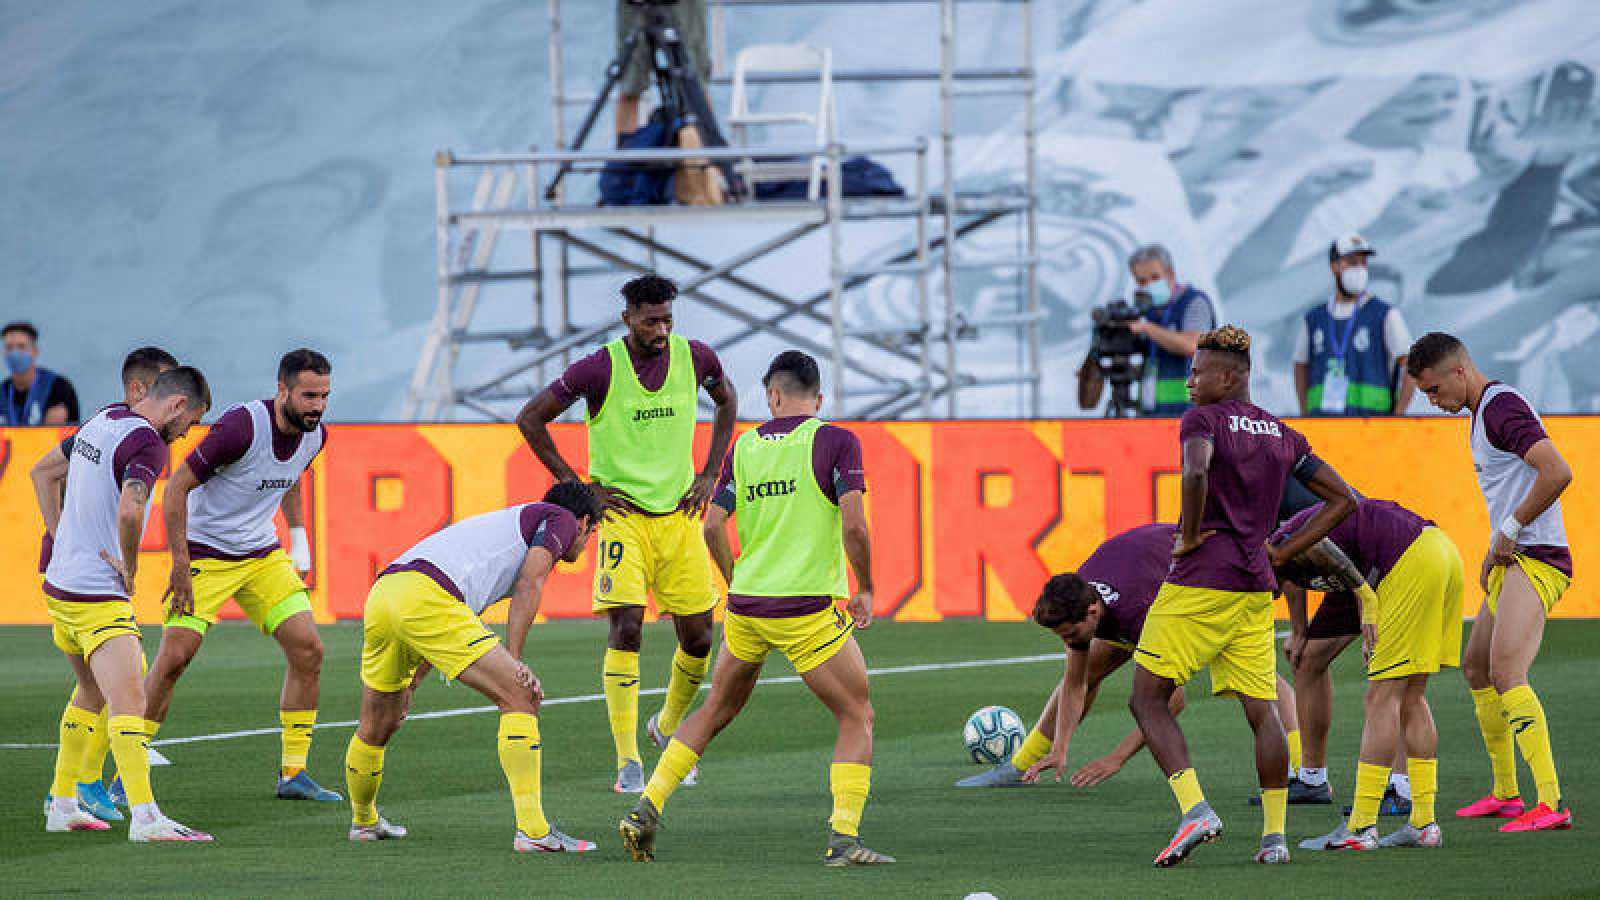 Los jugadores del Villarreal, en el calentamiento previo al encuentro frente al Real Madrid.